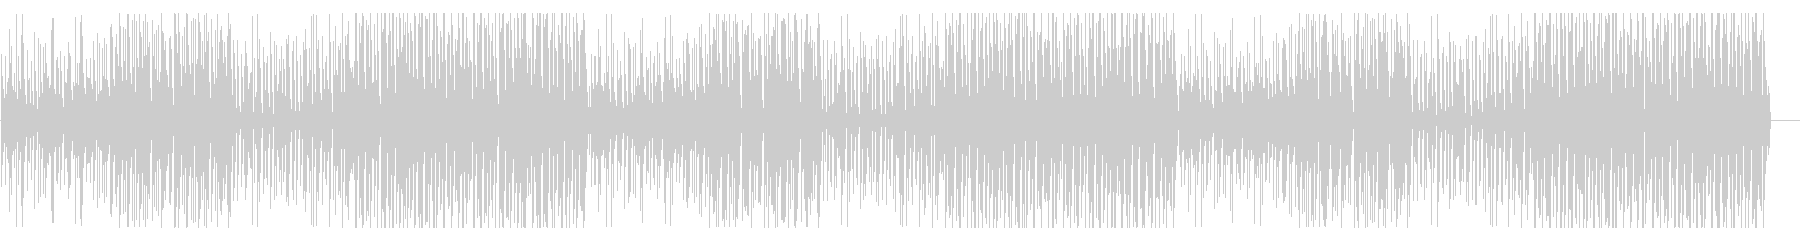 ボサノバ風ほのぼの癒し系BGMです。の未再生の波形